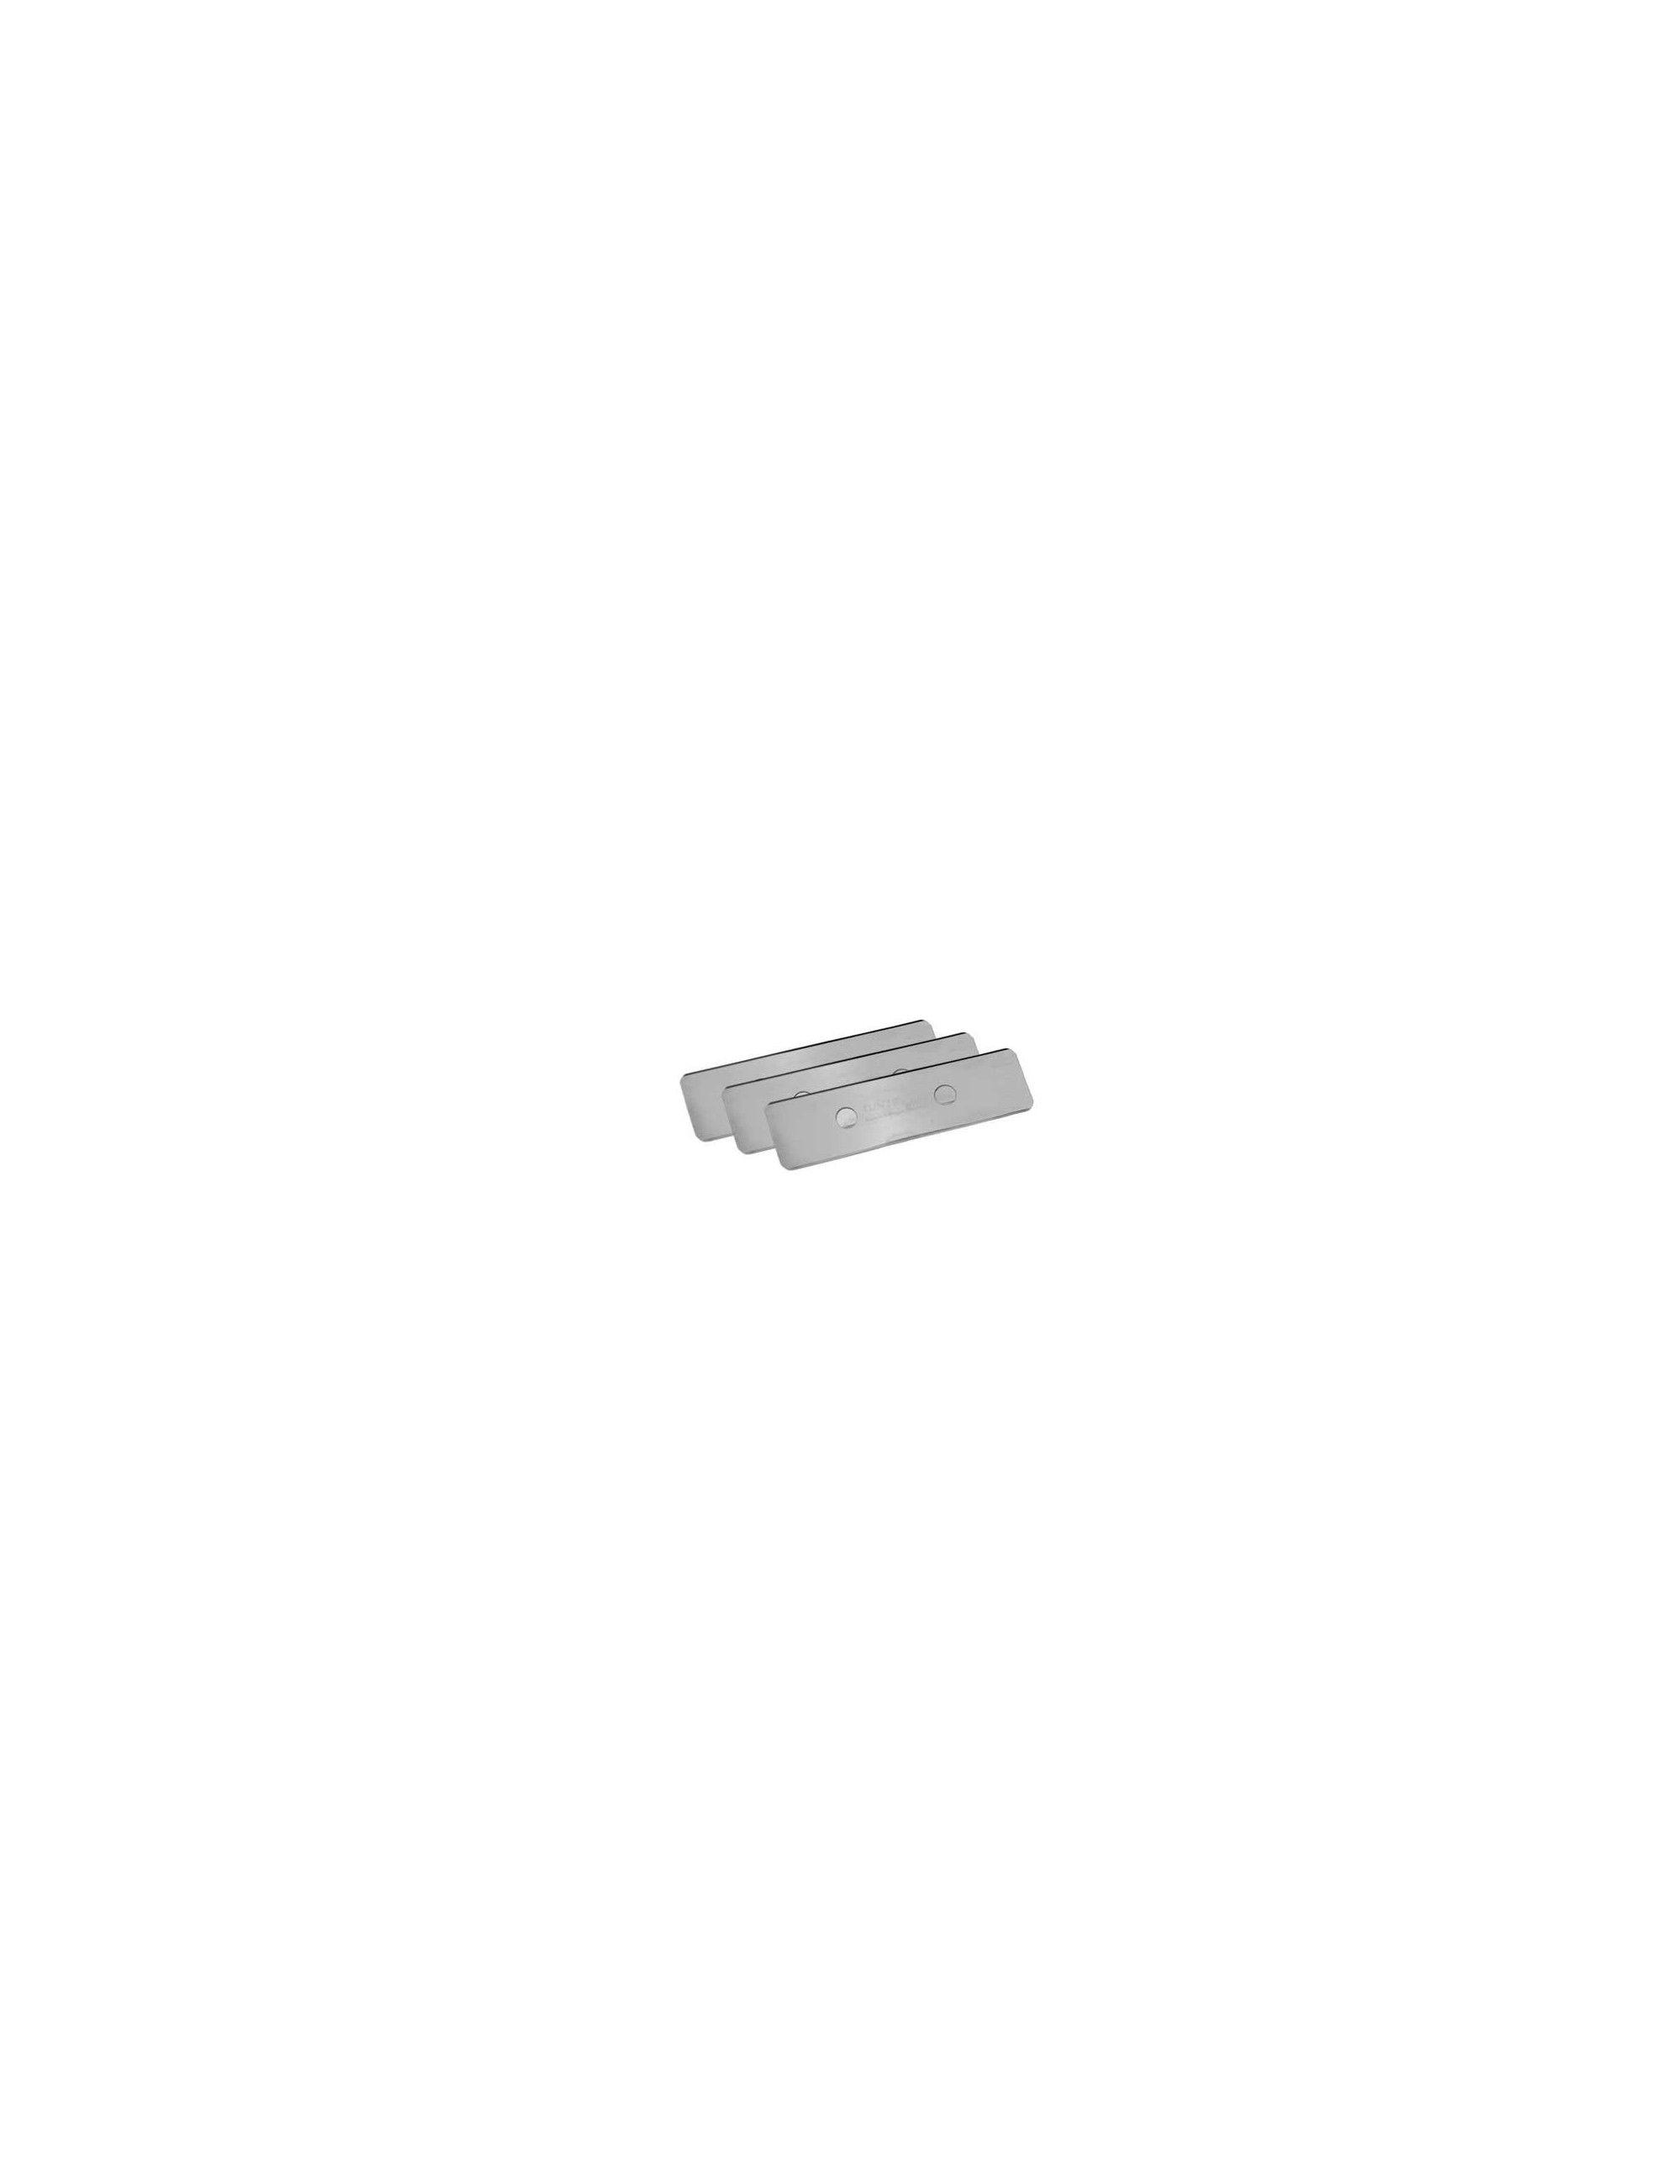 TUNZE - Lames acier inoxydable pour Care Magnet (3 pièces) 0220.155